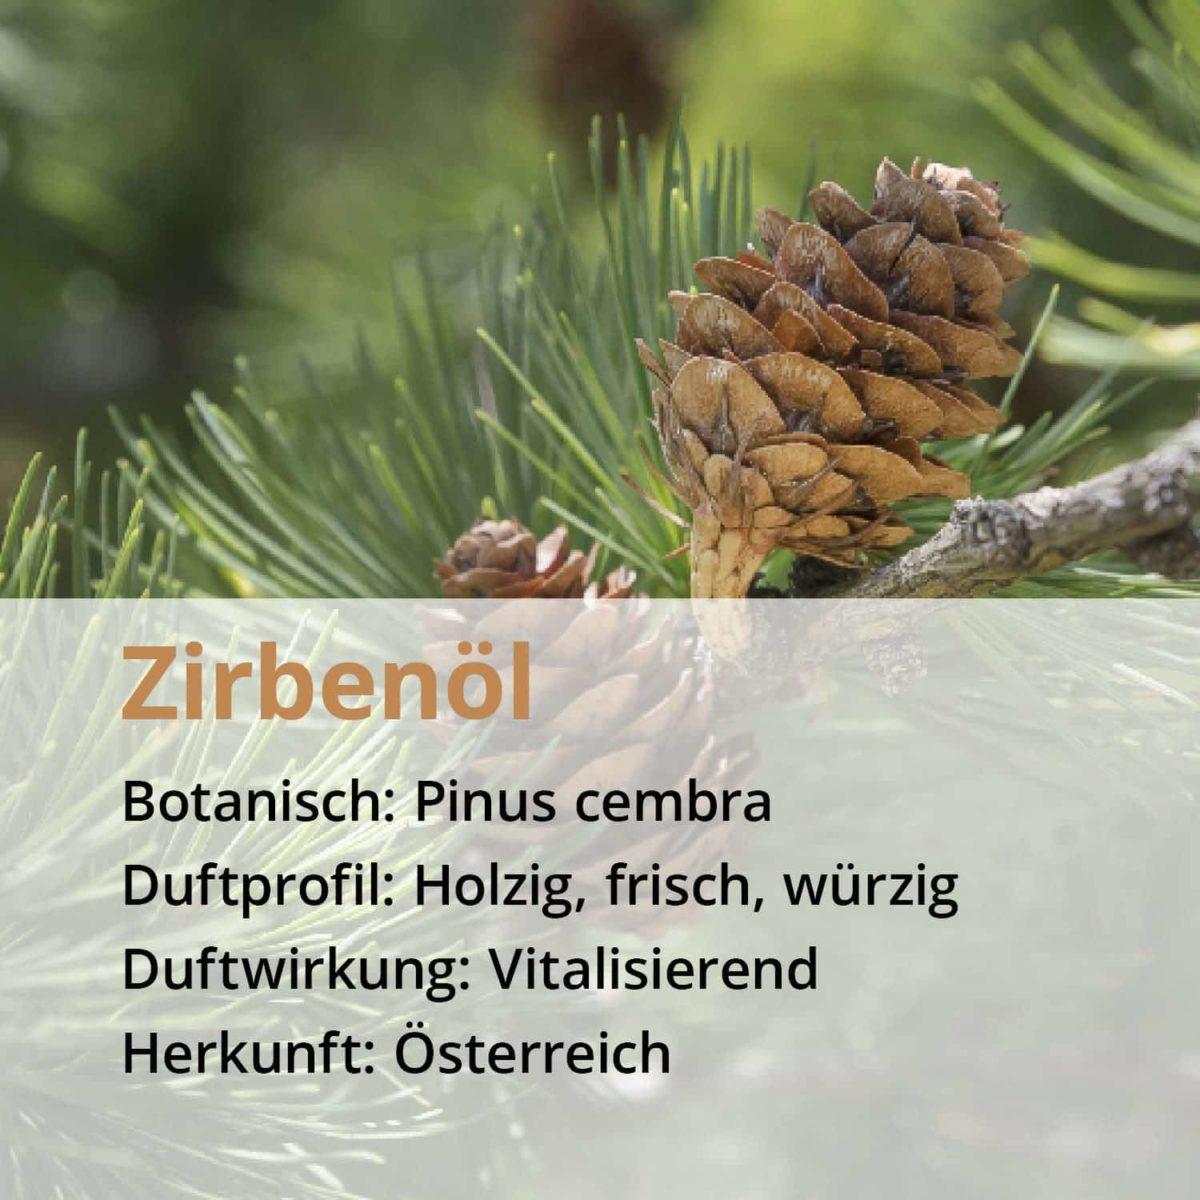 Casida Zirbenöl Pinus cembra naturrein – 10 ml 16486743 PZN Apotheke Zirbelkiefernöl ätherische Öle Diffuser3